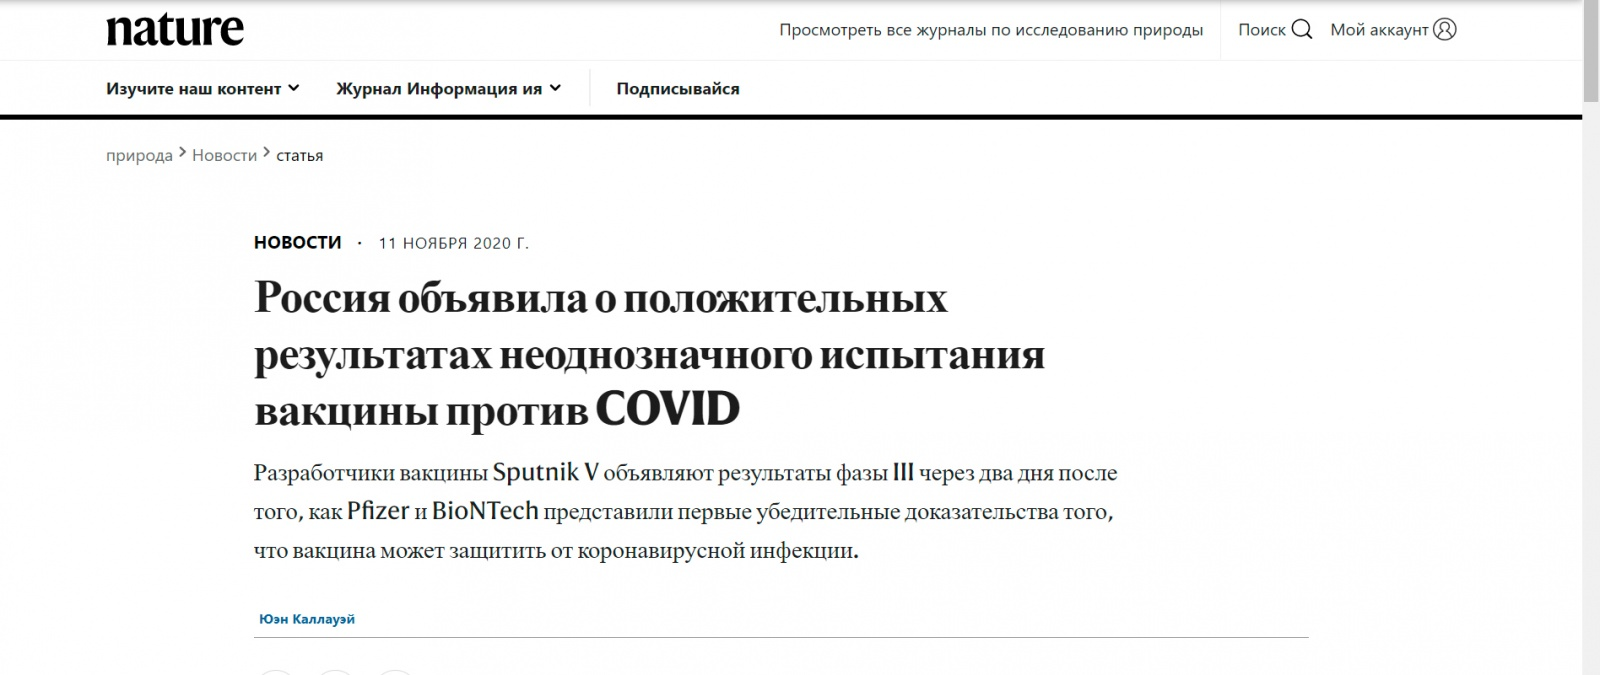 Первые вакцины от COVID-19. Сравнение российской «Спутник V» и BNT162b2 от Pfizer - 1